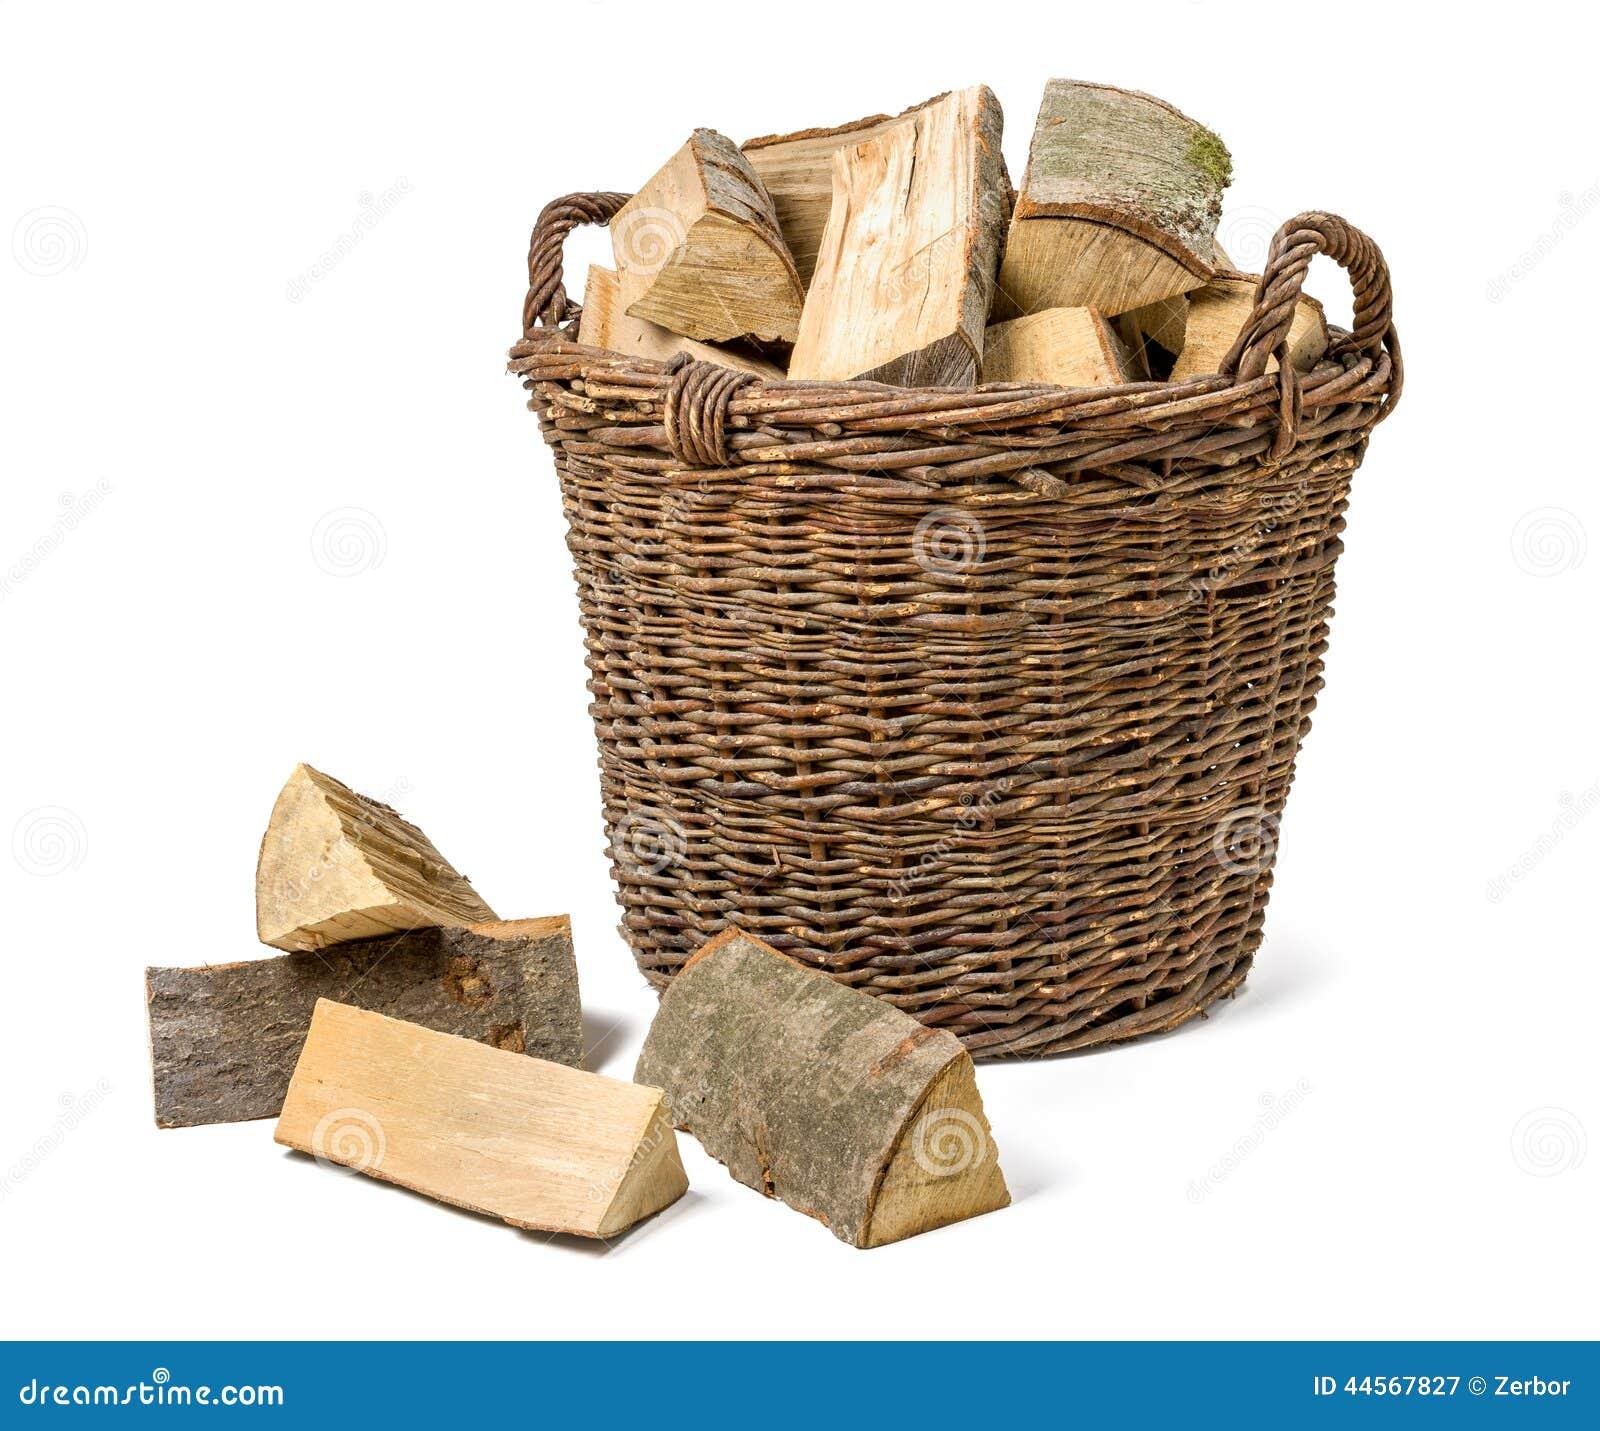 panier en osier rempli de bois de chauffage photo stock image 44567827. Black Bedroom Furniture Sets. Home Design Ideas